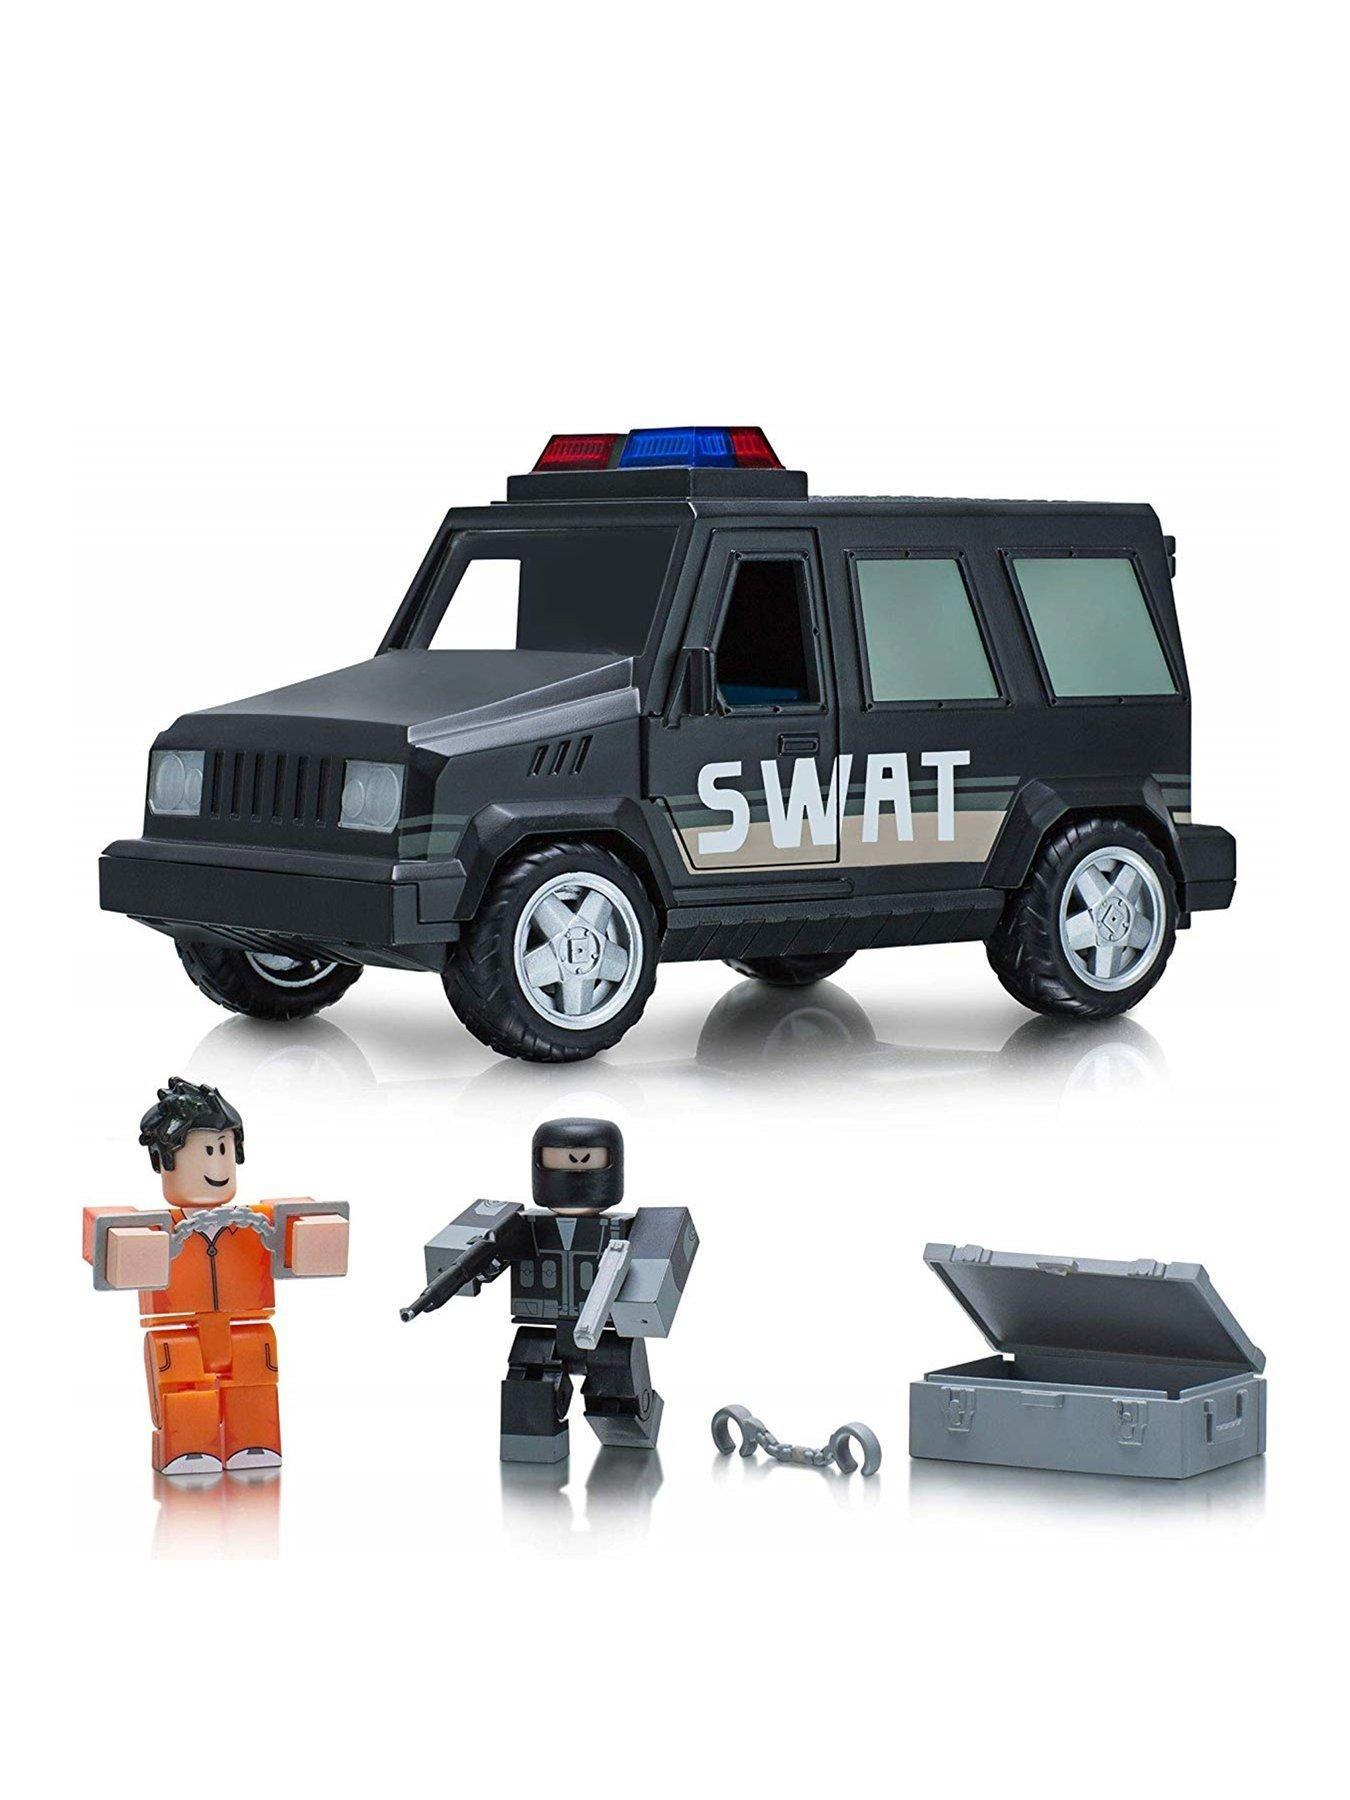 Swat Van Vehicle In 2020 Swat Van Roblox